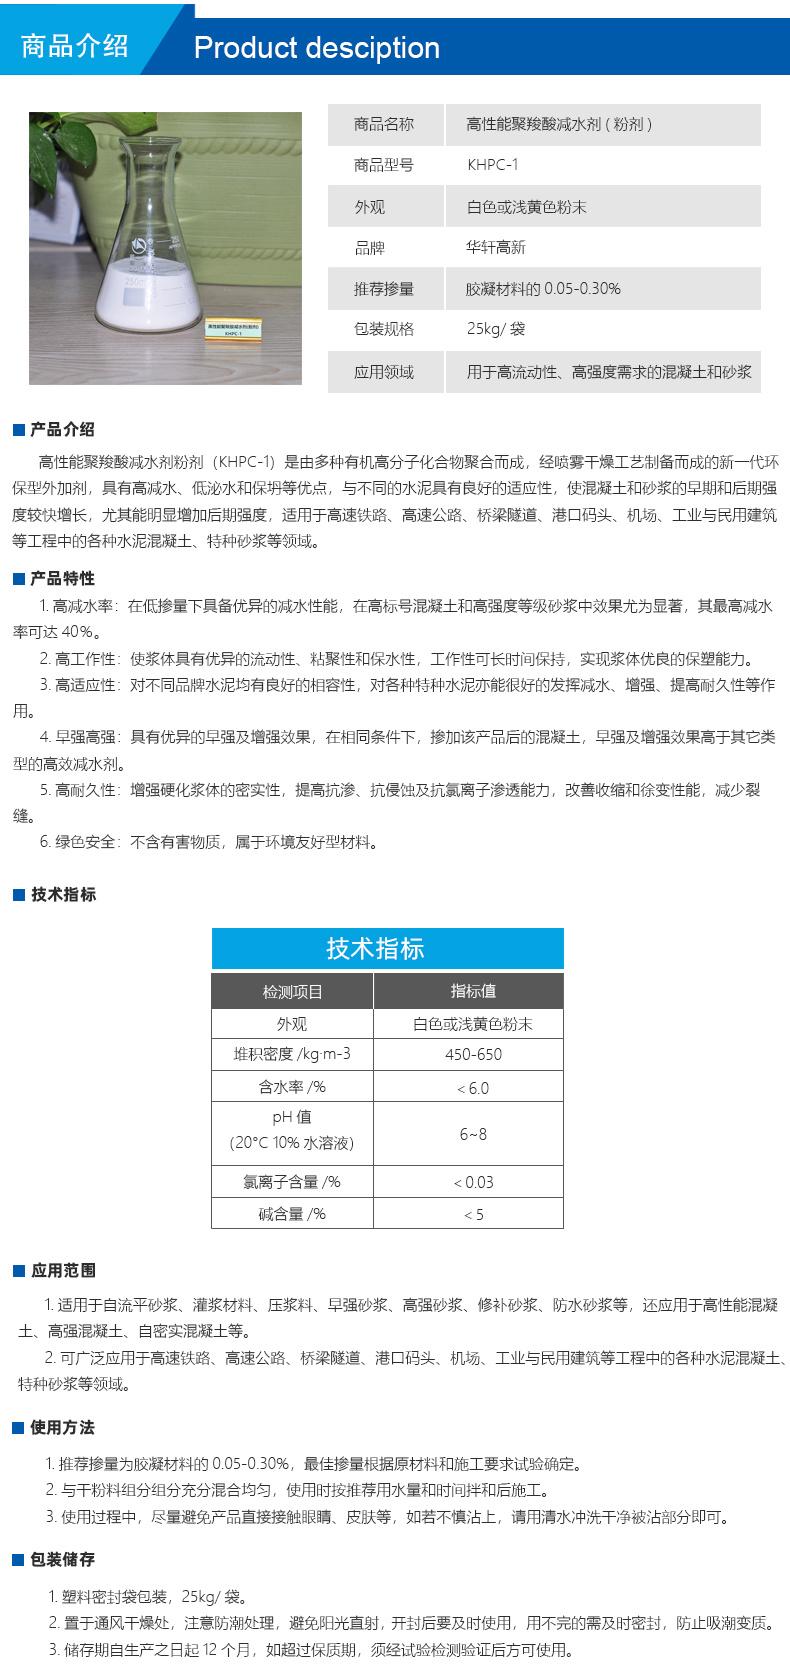 聚羧酸高性能减水剂(粉剂) 华轩高新KHPC-1聚羧酸粉体减水剂 量大优惠示例图3